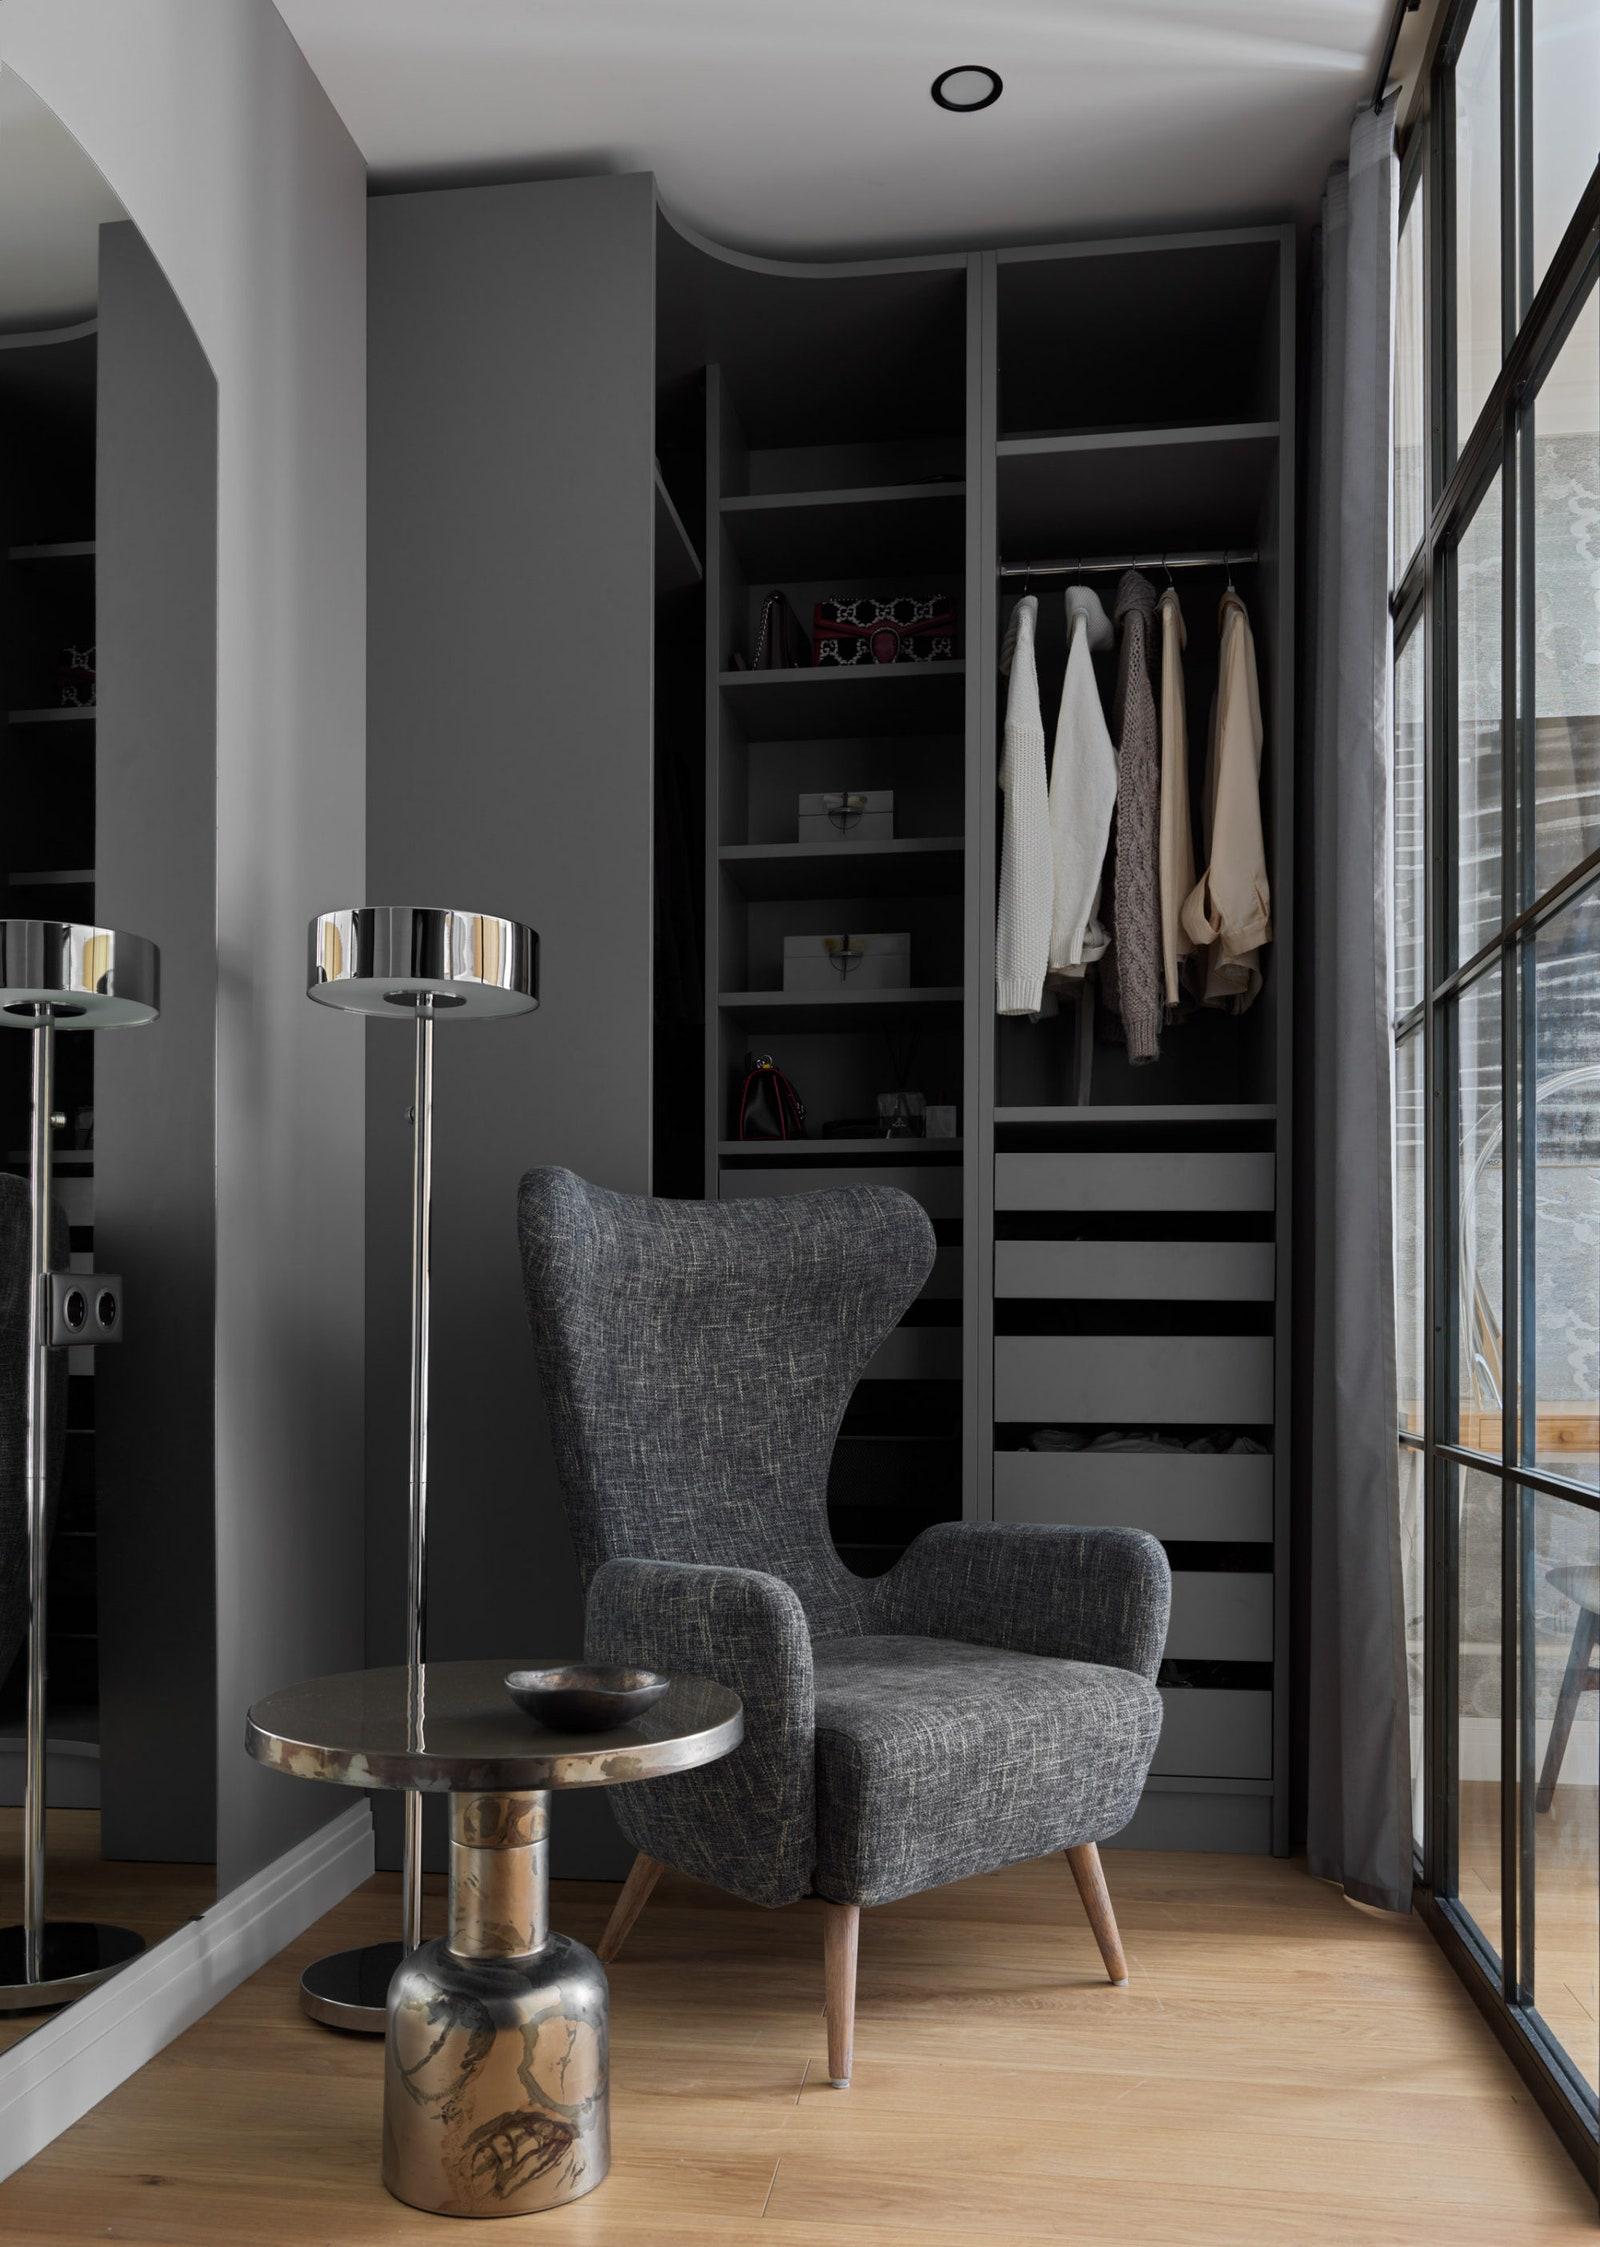 85 .   .        IKEA   Dme Deco  Atelier Home  lulecermic.